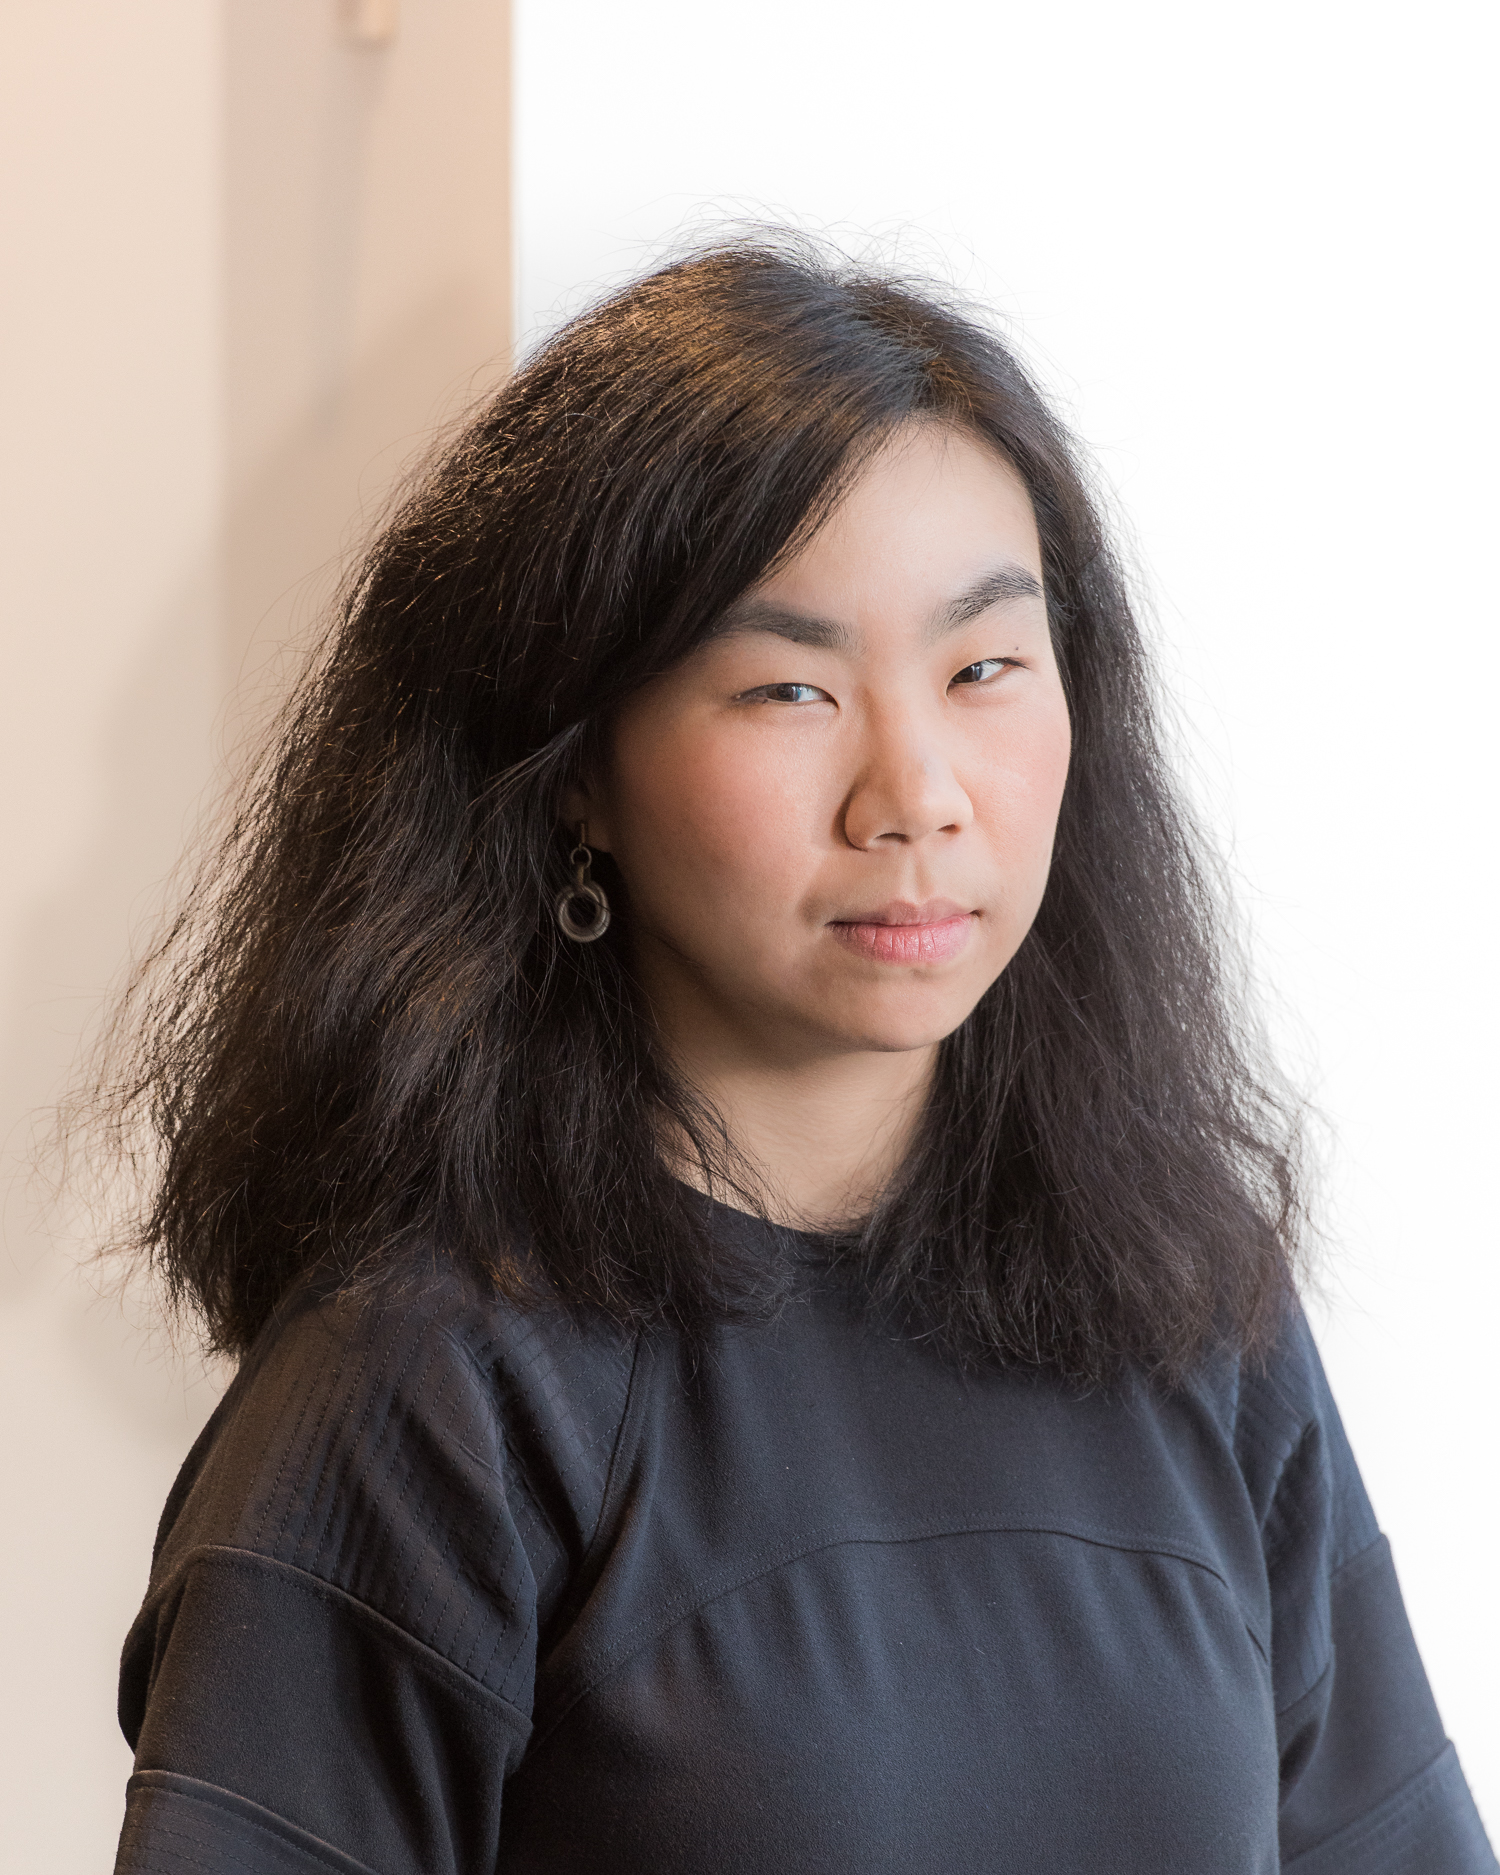 Joyce Shen, Tenfore Holdings